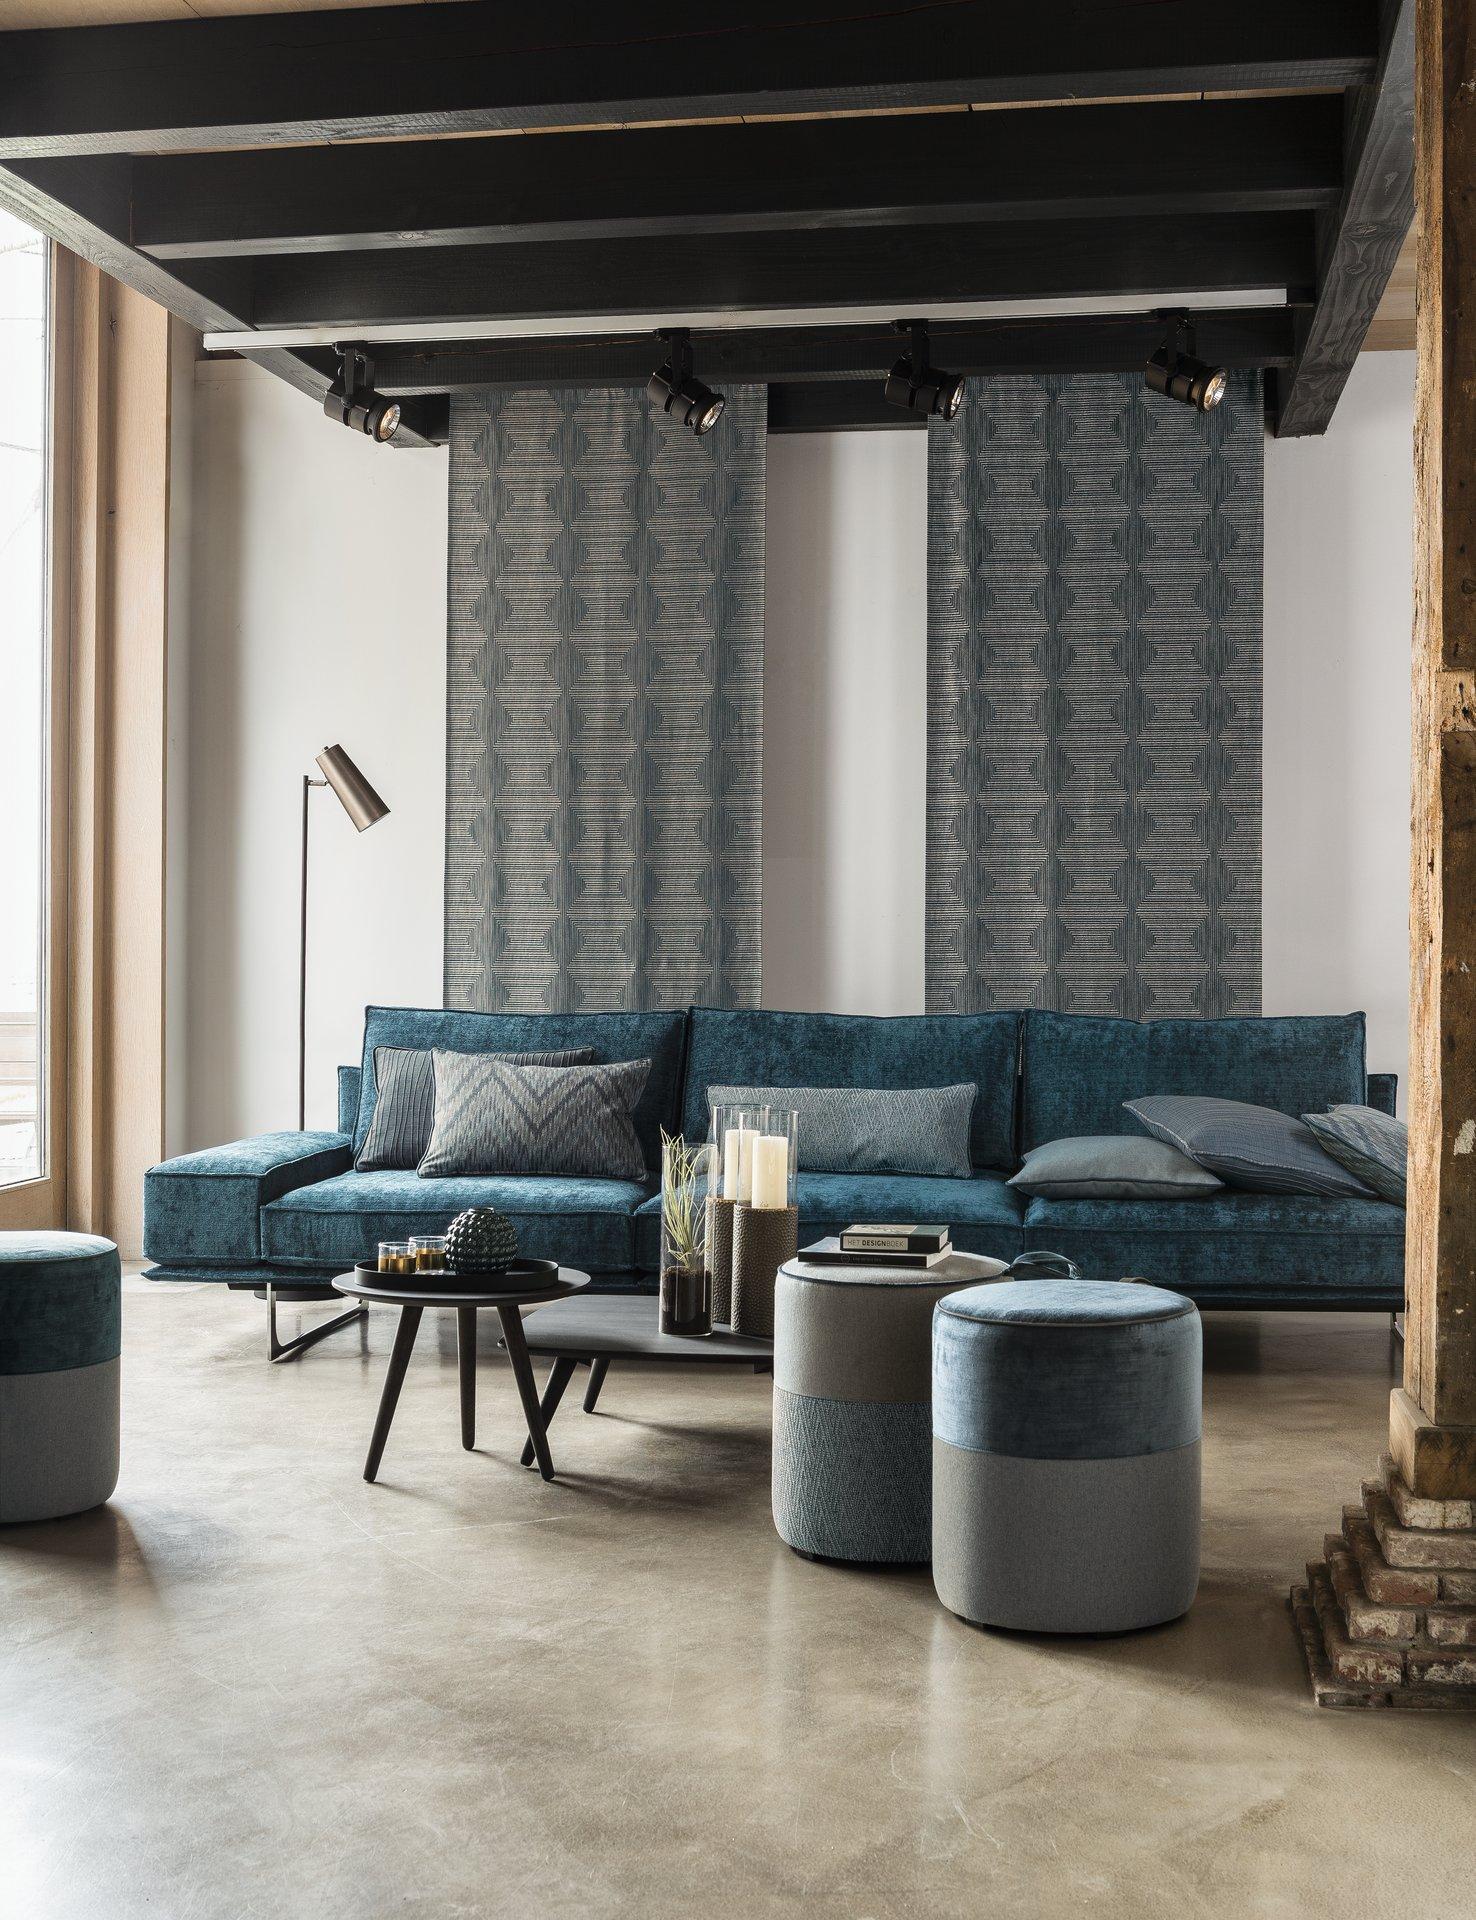 mobilier haut de gamme mobilier contemporain design. Black Bedroom Furniture Sets. Home Design Ideas